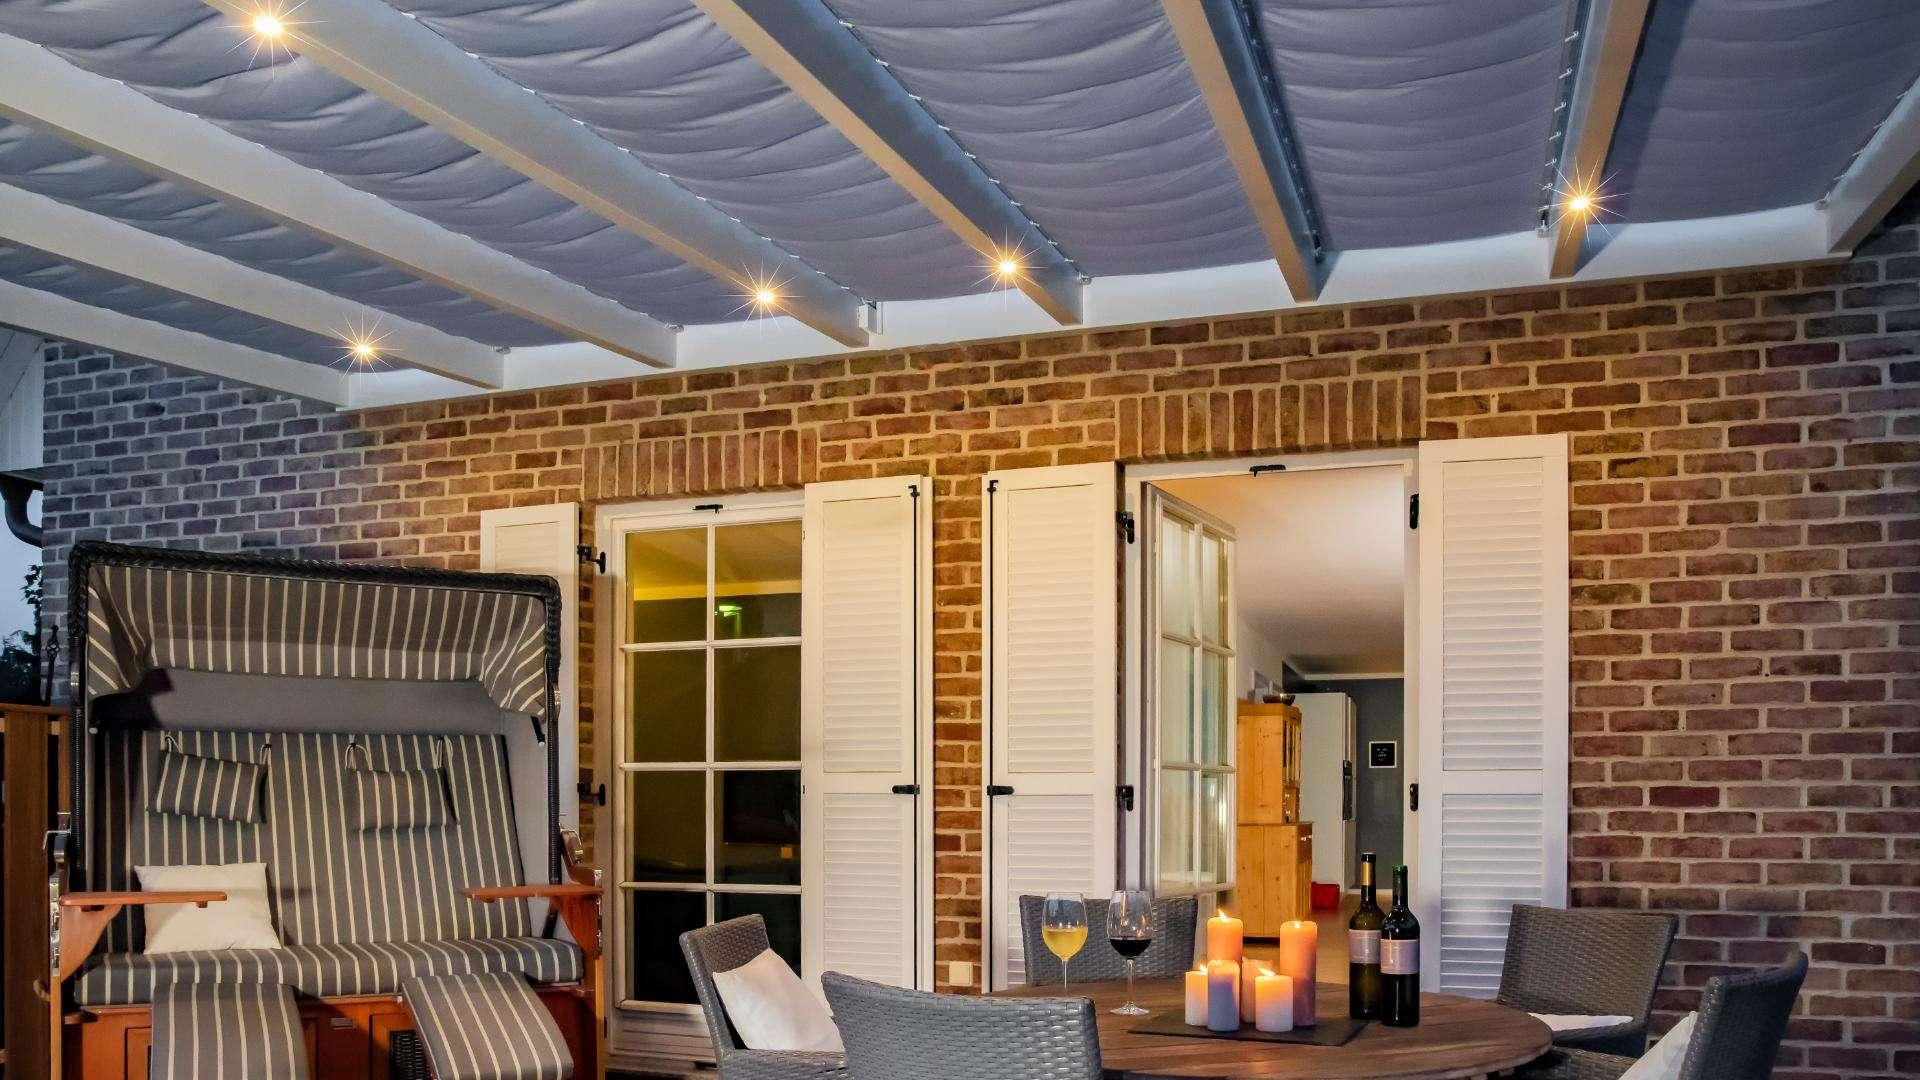 Innenansicht eines beleuchtetes Terrassendachs mit Esstisch und Strandkorb